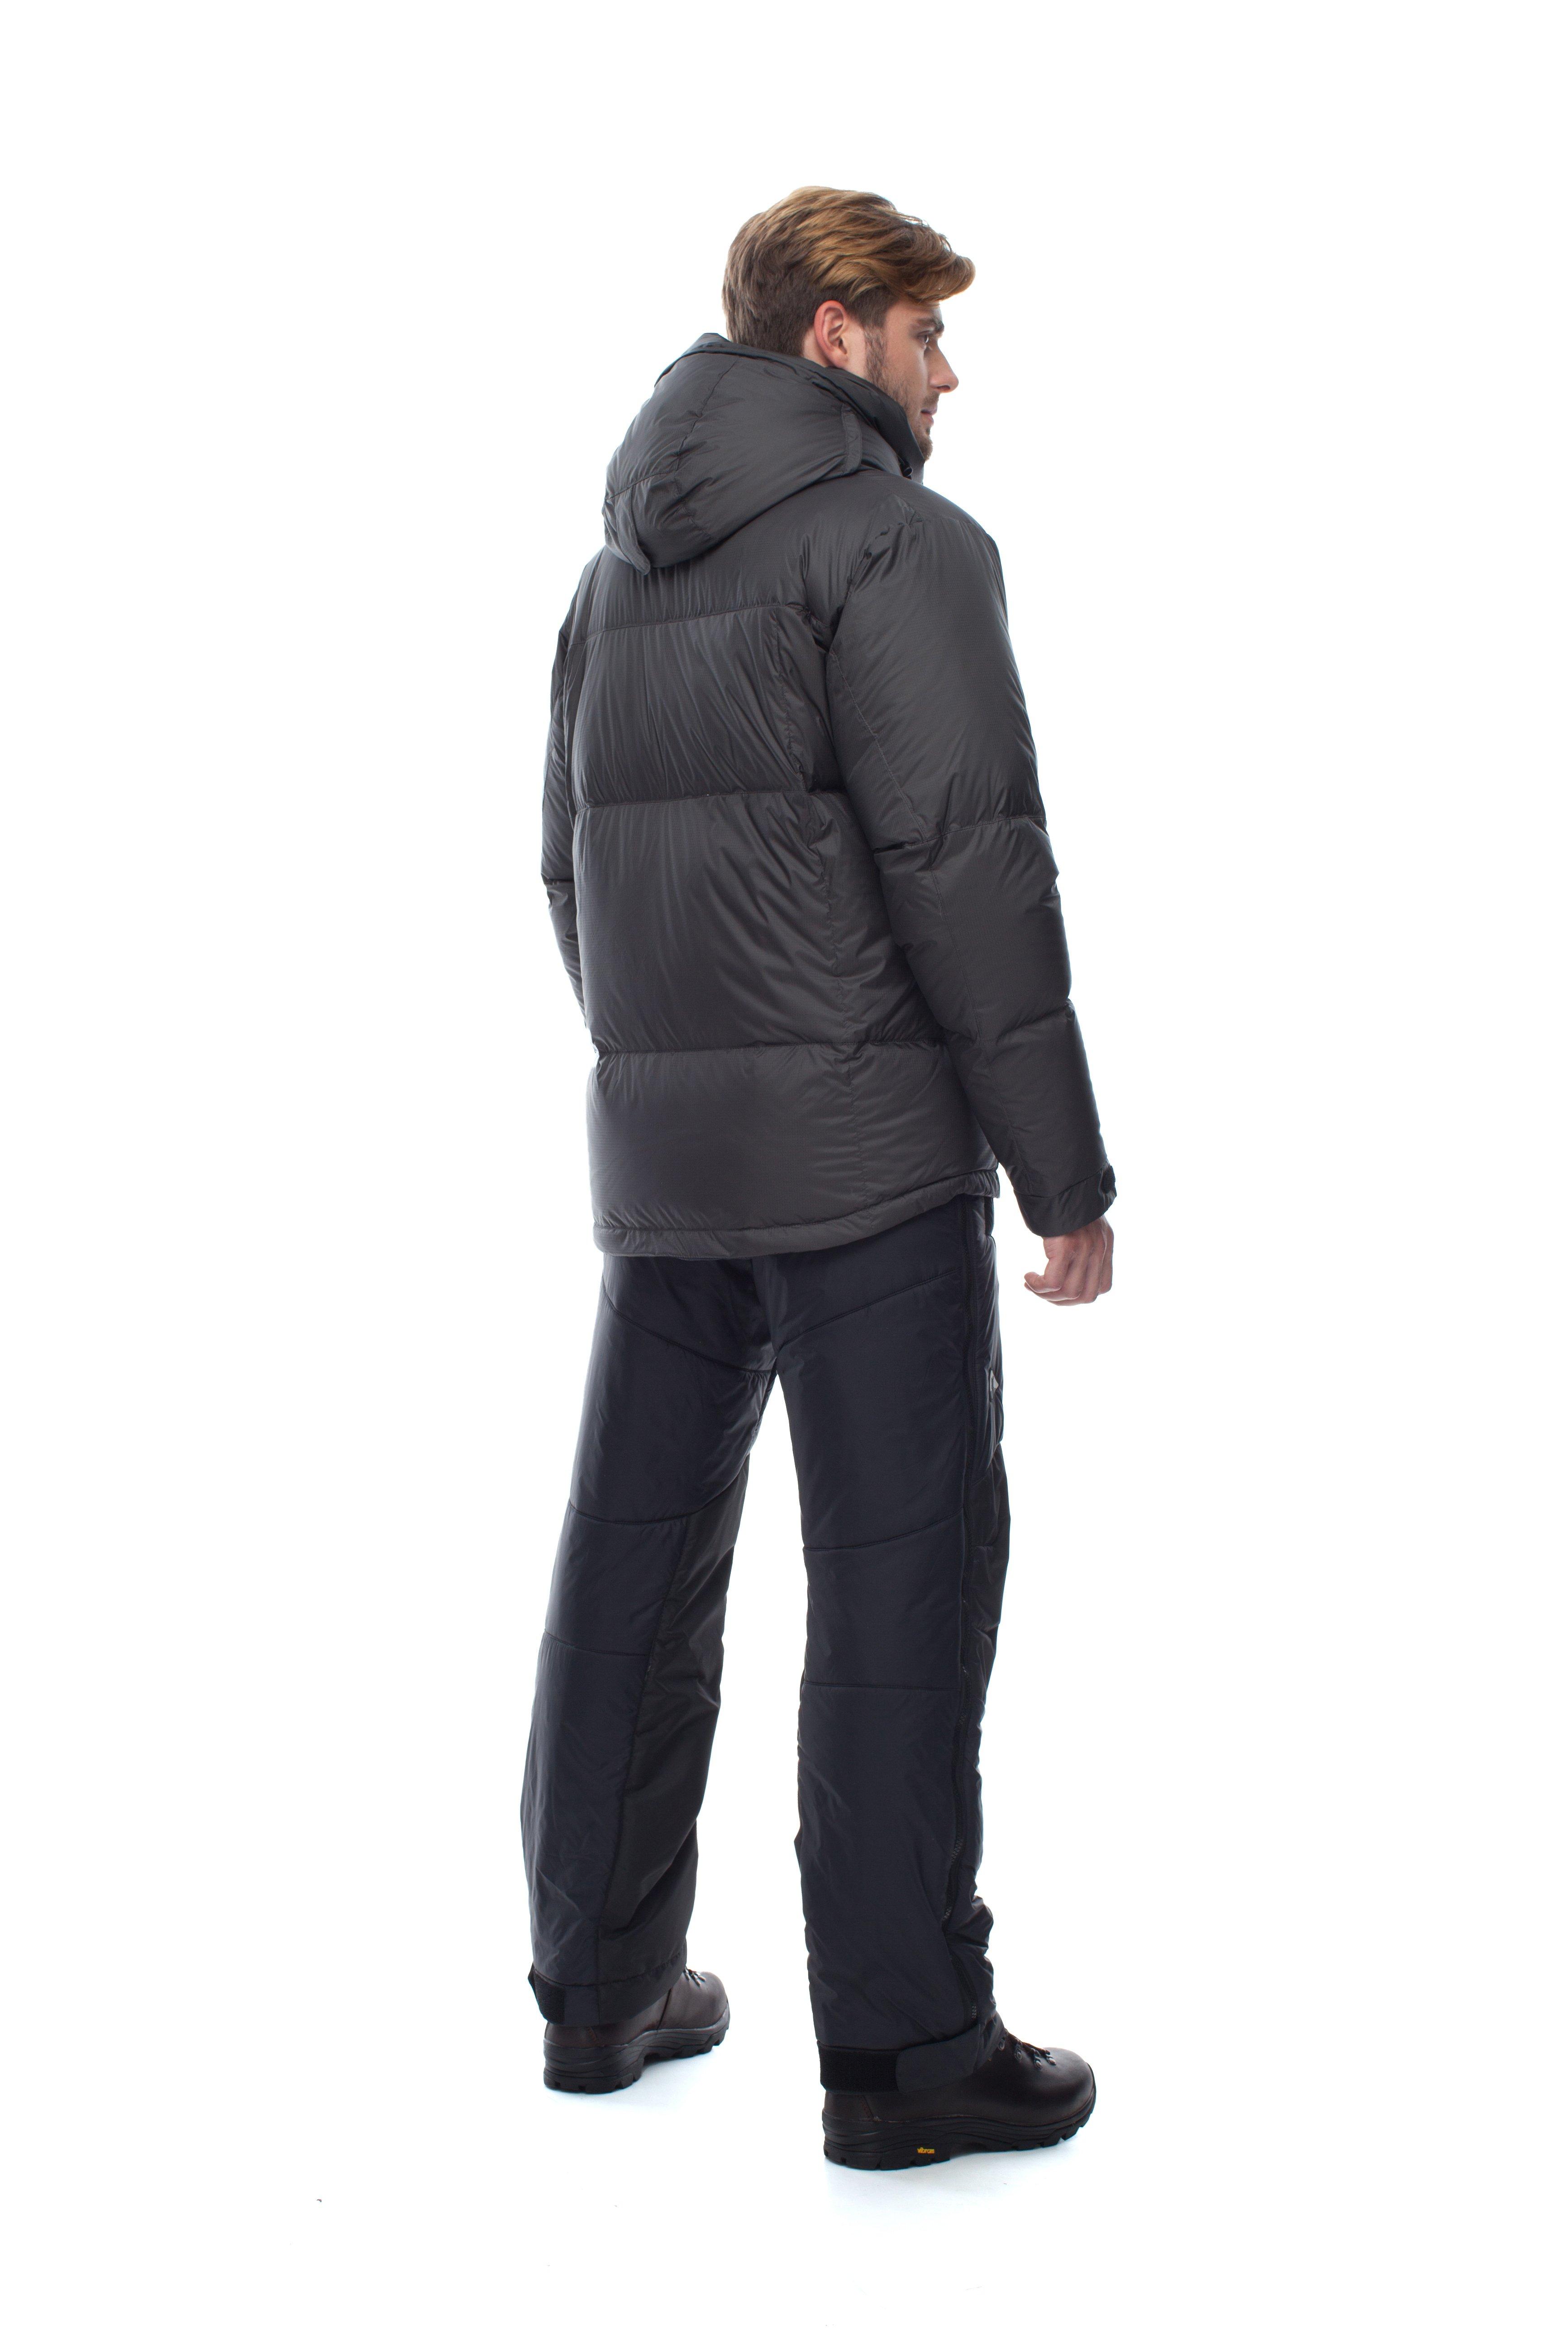 Пуховая куртка BASK HEAVEN V2 3945aТёплая и лёгкая мужская пуховая куртка для альпинистских и полярных экспедиций.<br><br>&quot;Дышащие&quot; свойства: Да<br>Верхняя ткань: Resist-DT(R) EXTREME<br>Вес граммы: 955<br>Вес утеплителя: 282<br>Ветро-влагозащитные свойства верхней ткани: Да<br>Ветрозащитная планка: Да<br>Ветрозащитная юбка: Нет<br>Влагозащитные молнии: Нет<br>Внутренние манжеты: Нет<br>Внутренняя ткань: Advance® Classic<br>Водонепроницаемость: 3000<br>Дублирующий центральную молнию клапан: Да<br>Защитный козырёк капюшона: Нет<br>Капюшон: Съемный<br>Количество внешних карманов: 3<br>Количество внутренних карманов: 3<br>Мембрана: Resist-DT(R) EXTREME<br>Объемный крой локтевой зоны: Нет<br>Отстёгивающиеся рукава: Нет<br>Паропроницаемость: 3000<br>Показатель Fill Power (для пуховых изделий): 670<br>Пол: Муж.<br>Проклейка швов: Нет<br>Регулировка манжетов рукавов: Да<br>Регулировка низа: Да<br>Регулировка объёма капюшона: Да<br>Регулировка талии: Нет<br>Регулируемые вентиляционные отверстия: Нет<br>Световозвращающая лента: Нет<br>Температурный режим: -15<br>Технология Thermal Welding: Нет<br>Технология швов: Простые<br>Тип молнии: Двухзамковая<br>Тип утеплителя: Натуральный<br>Ткань усиления: Нет<br>Усиление контактных зон: Да<br>Утеплитель: гусиный пух<br>Размер RU: 46<br>Цвет: КРАСНЫЙ